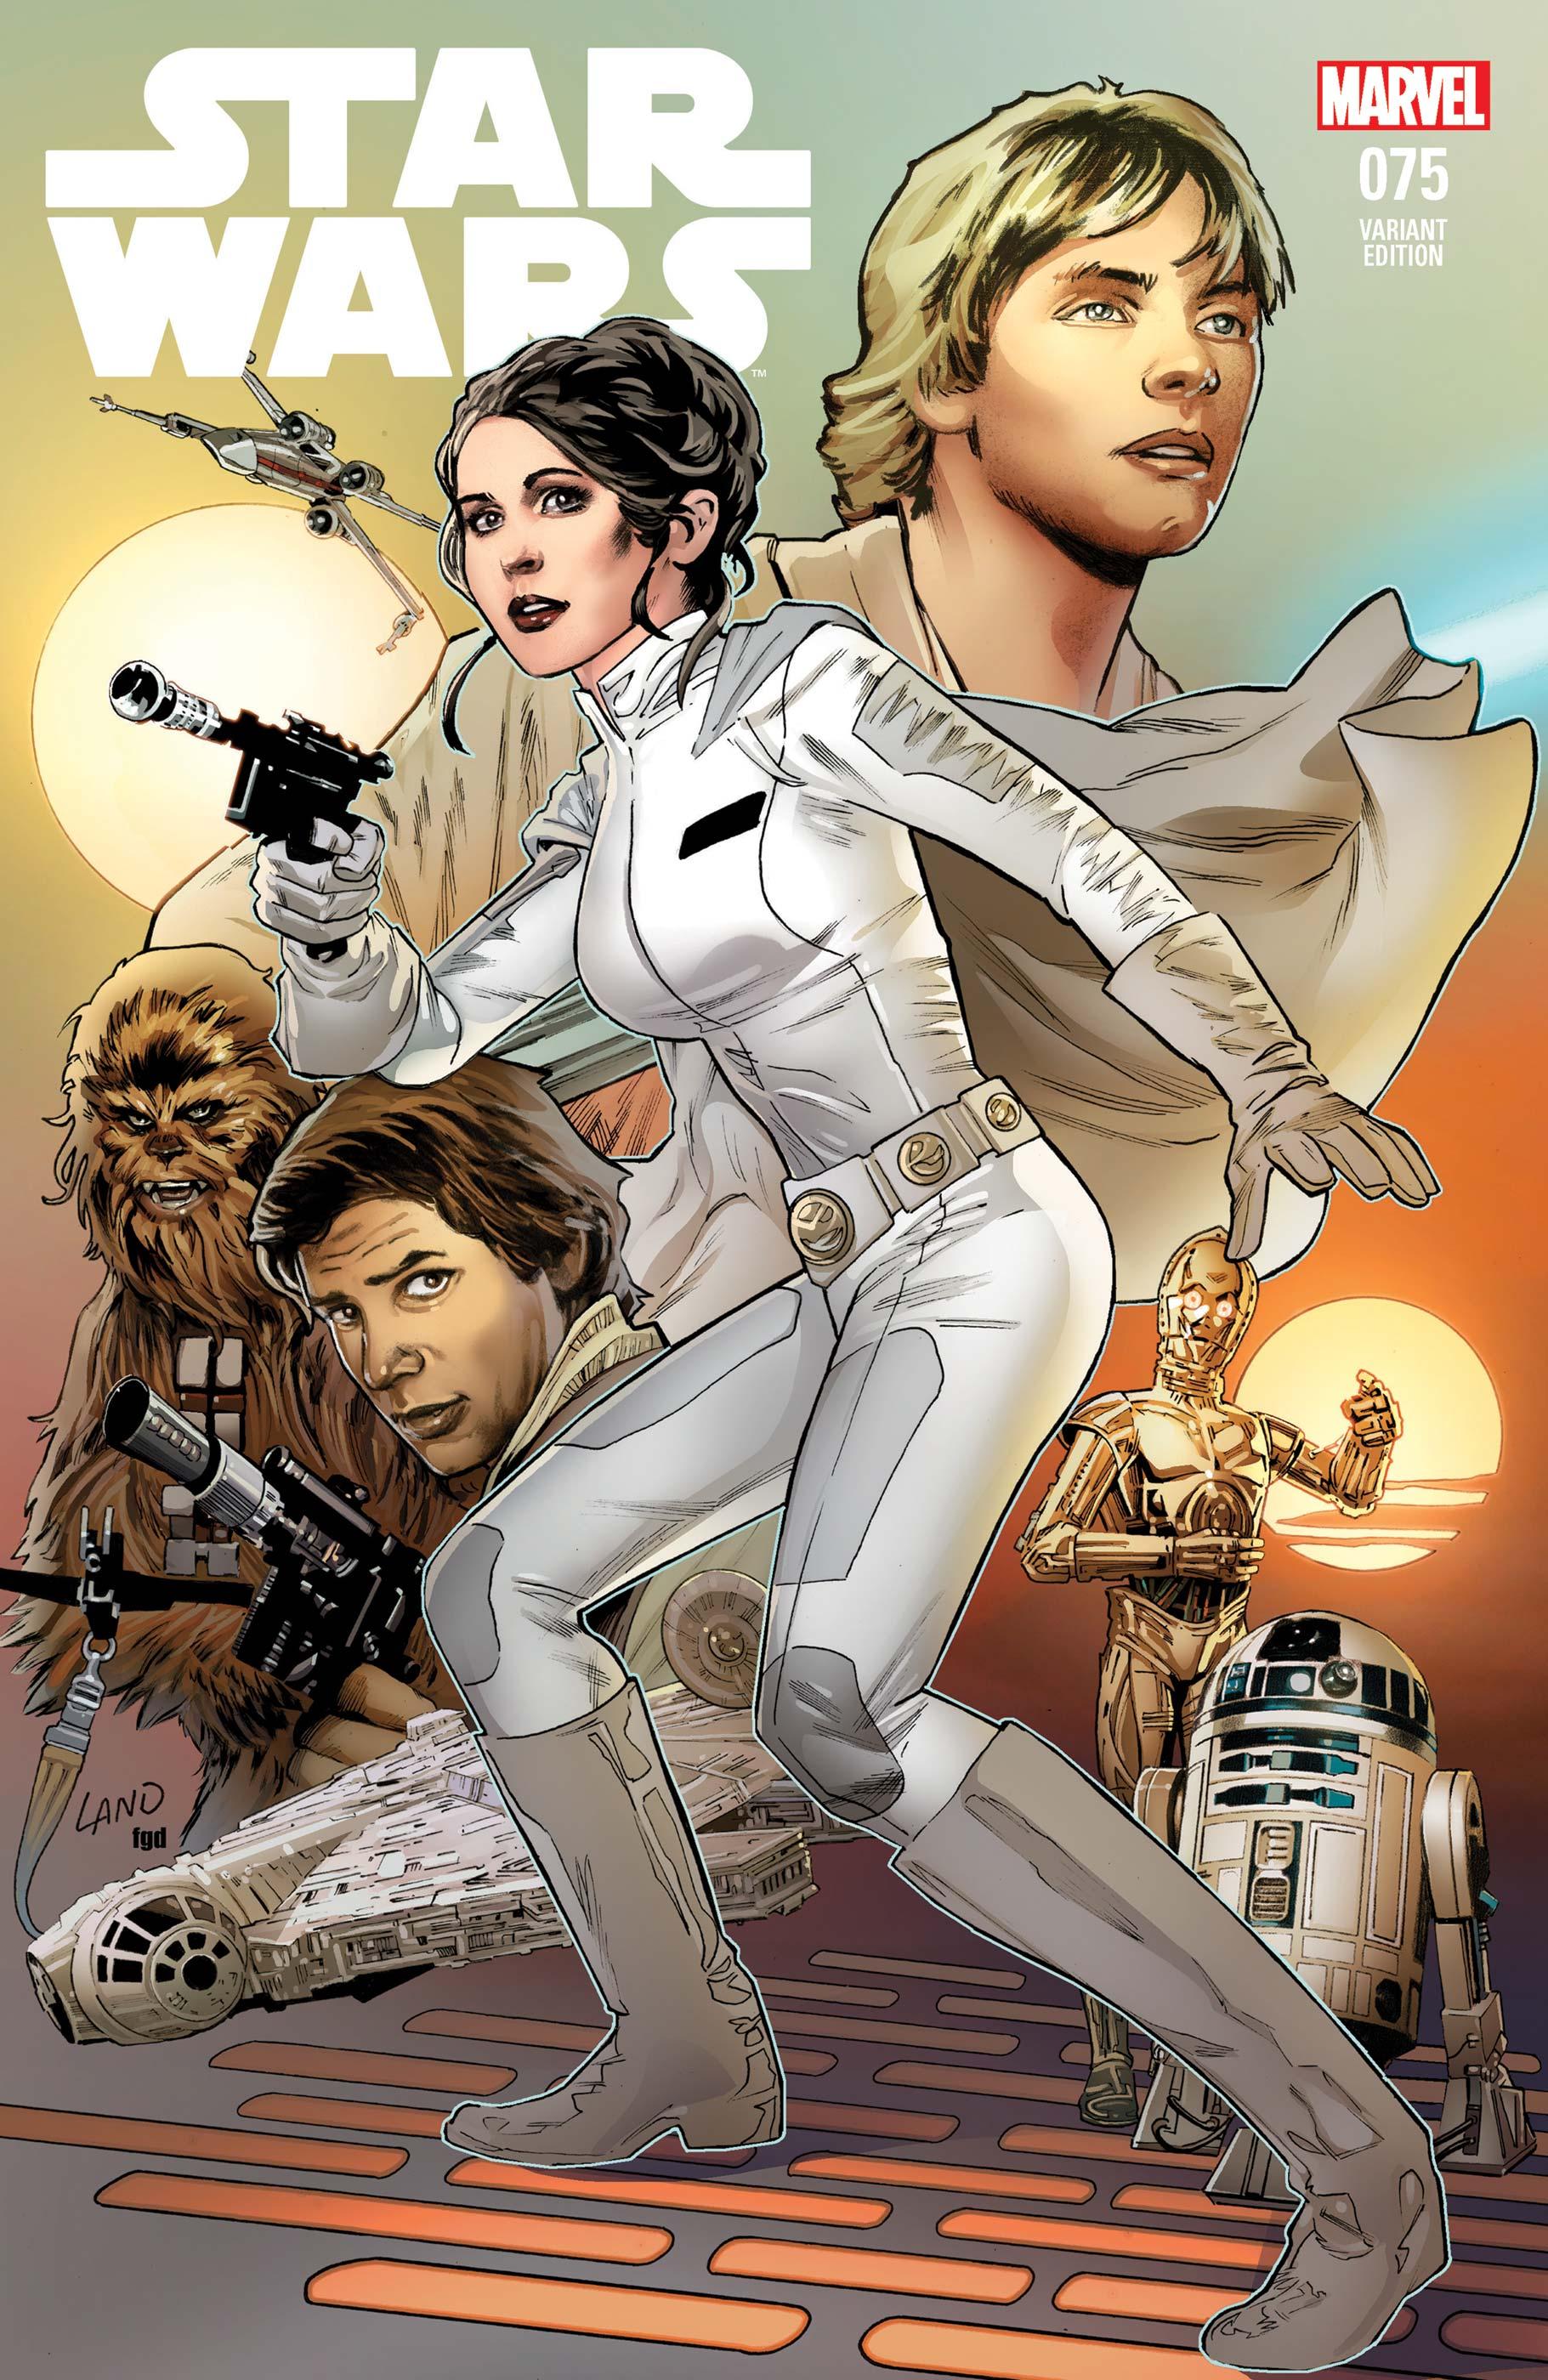 Star Wars (2015) #75 (Variant)